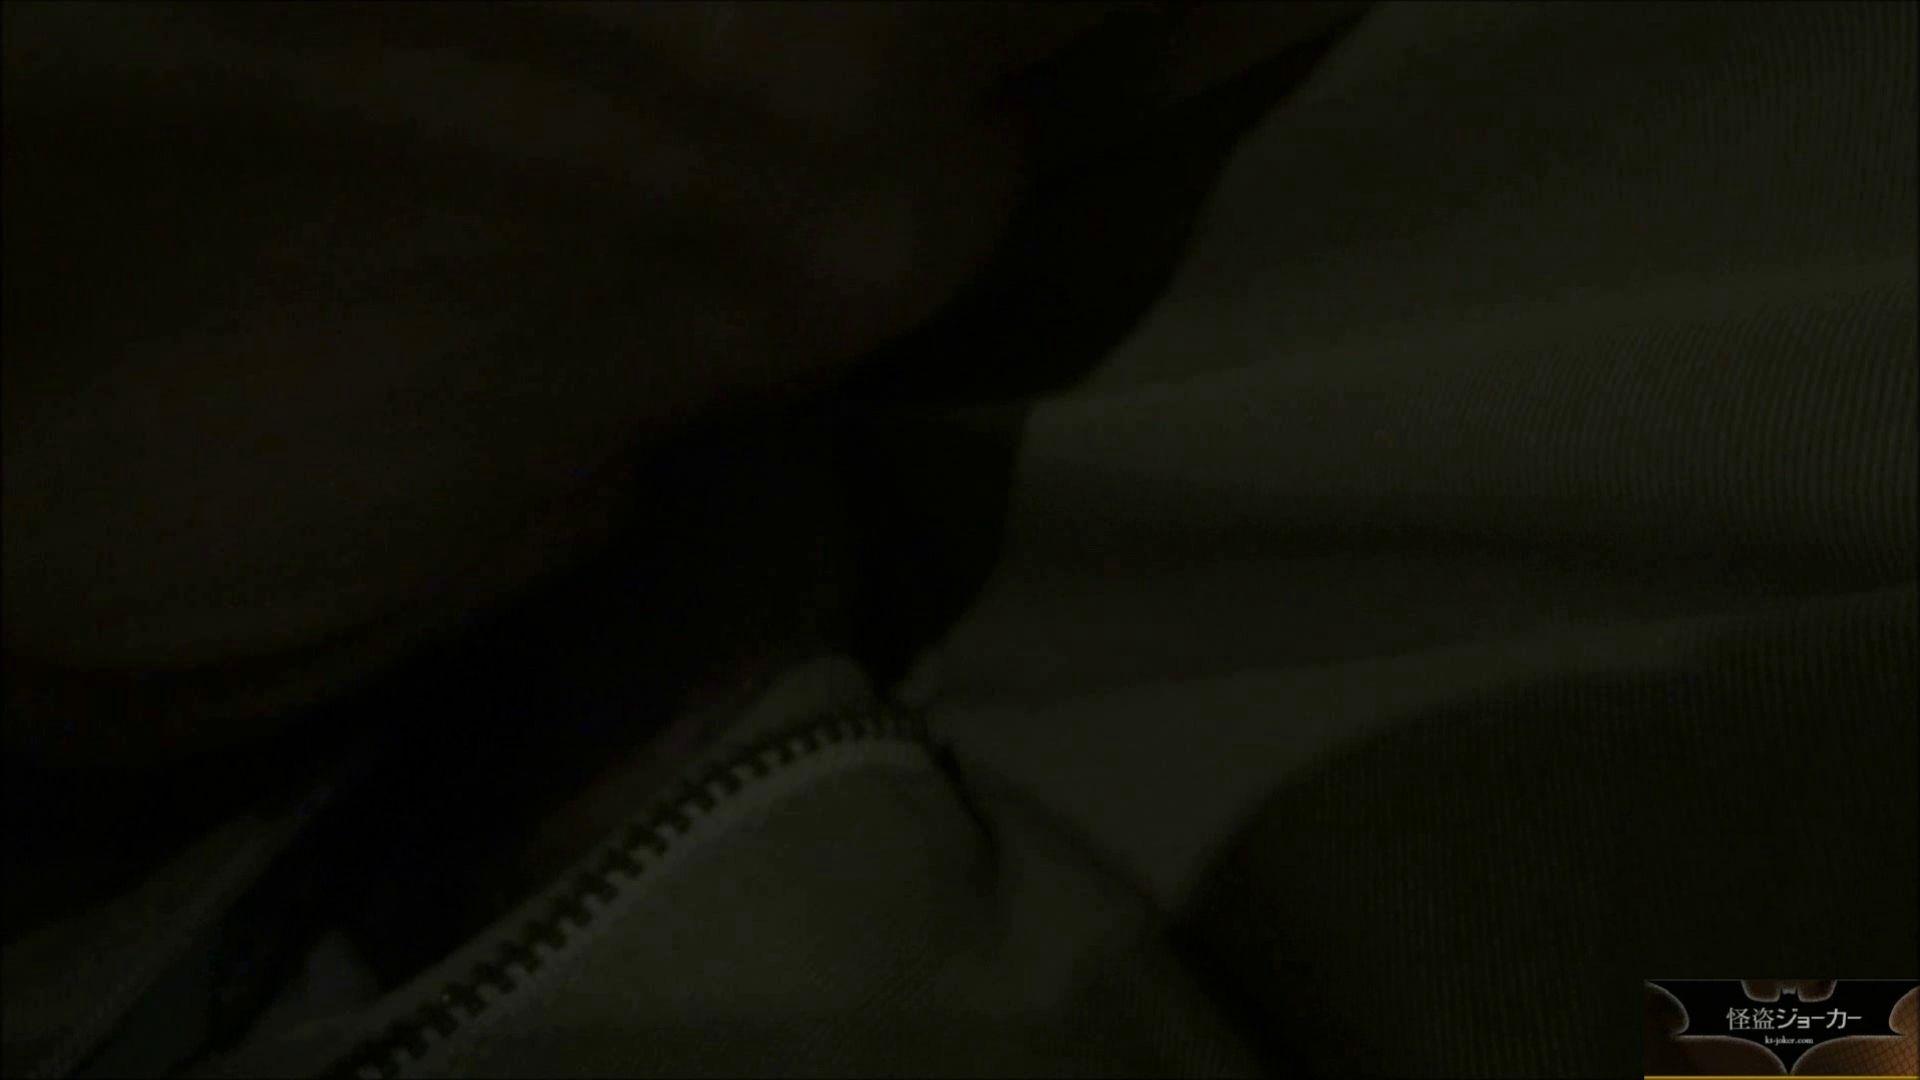 【一番下の~葵~】【未公開】vol.23 一緒にいる時間を惜しみながら・・・ 桃色シャワー  83pic 8